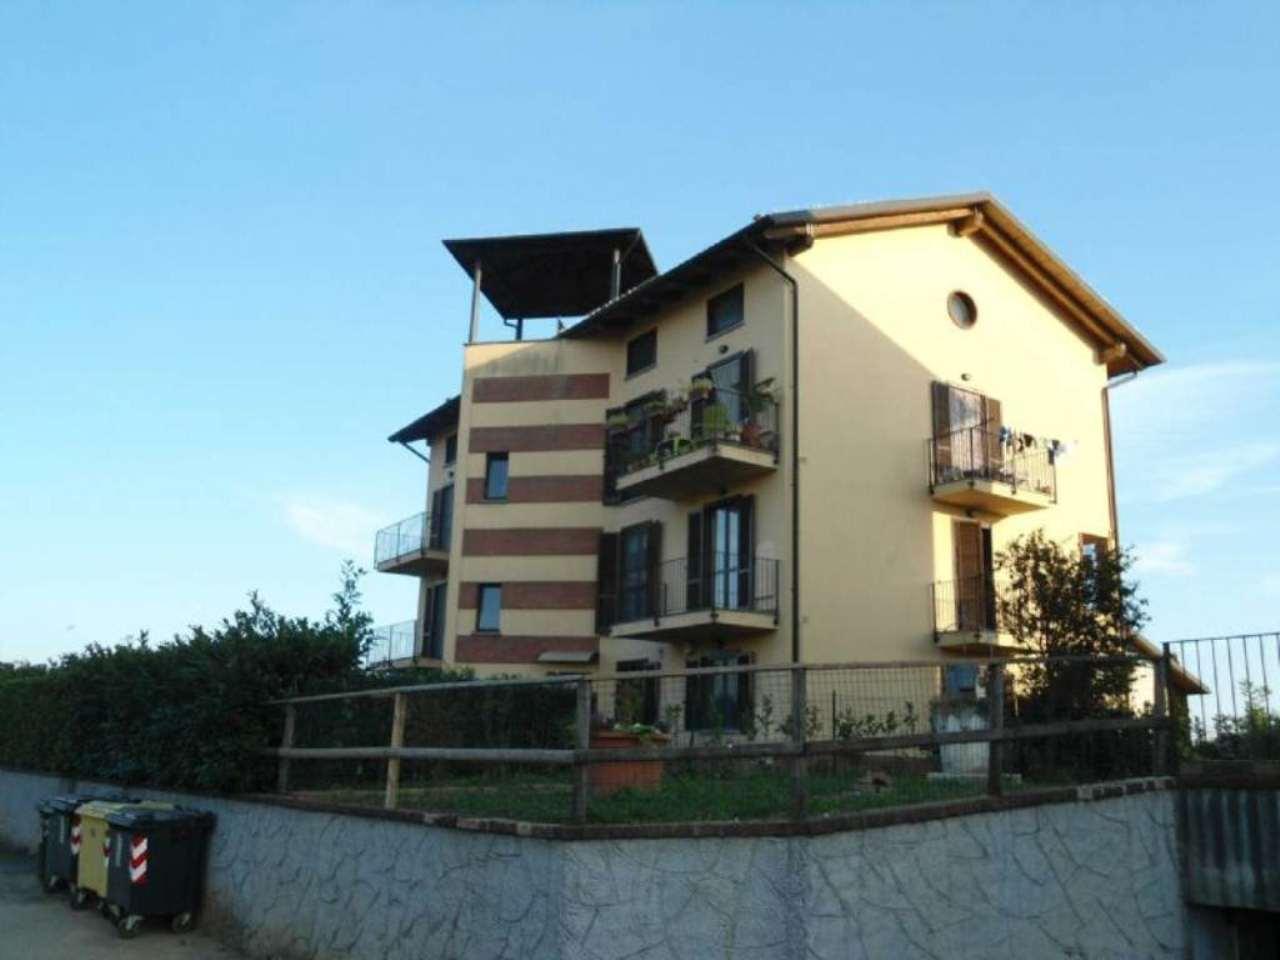 Appartamento in affitto a Villanova d'Asti, 2 locali, prezzo € 450 | Cambio Casa.it